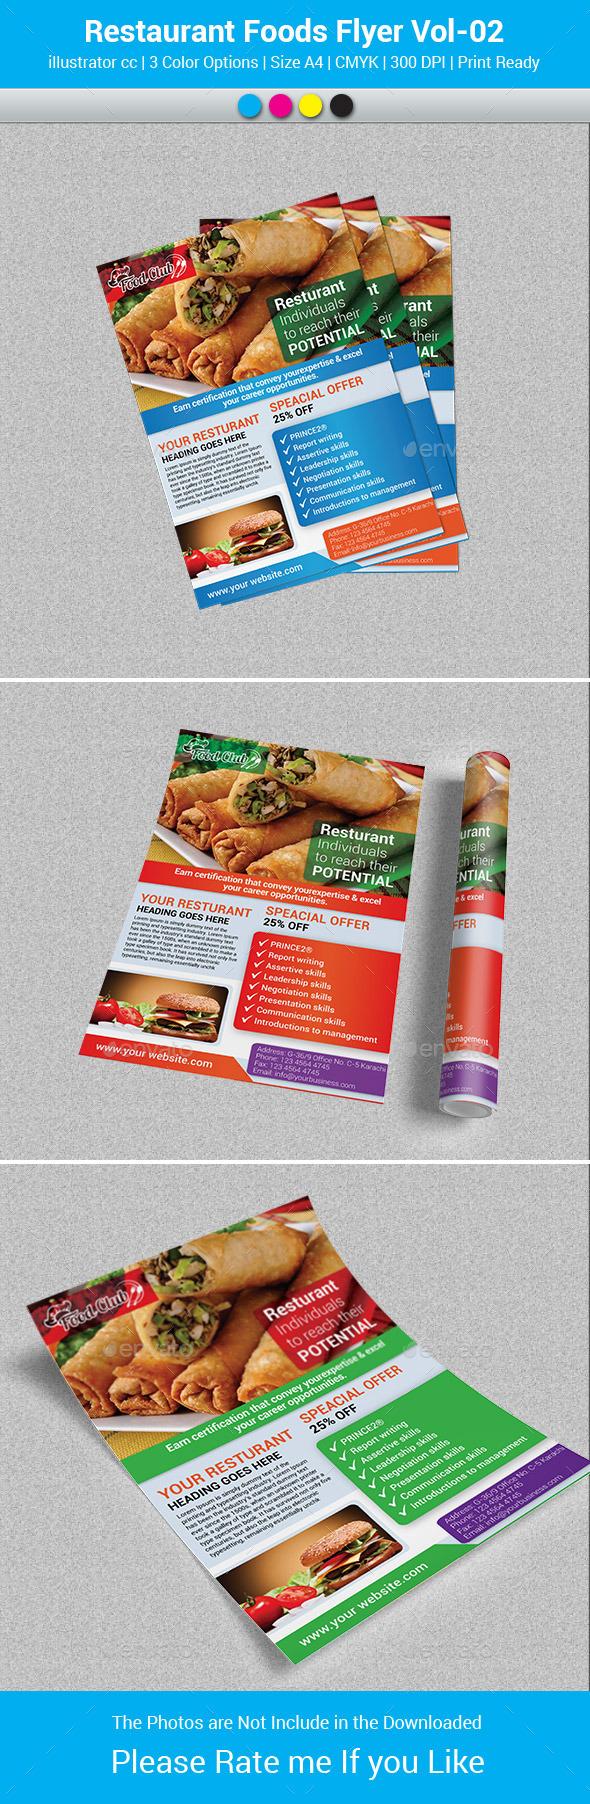 Restaurant Foods Flyer Vol-02 - Restaurant Flyers